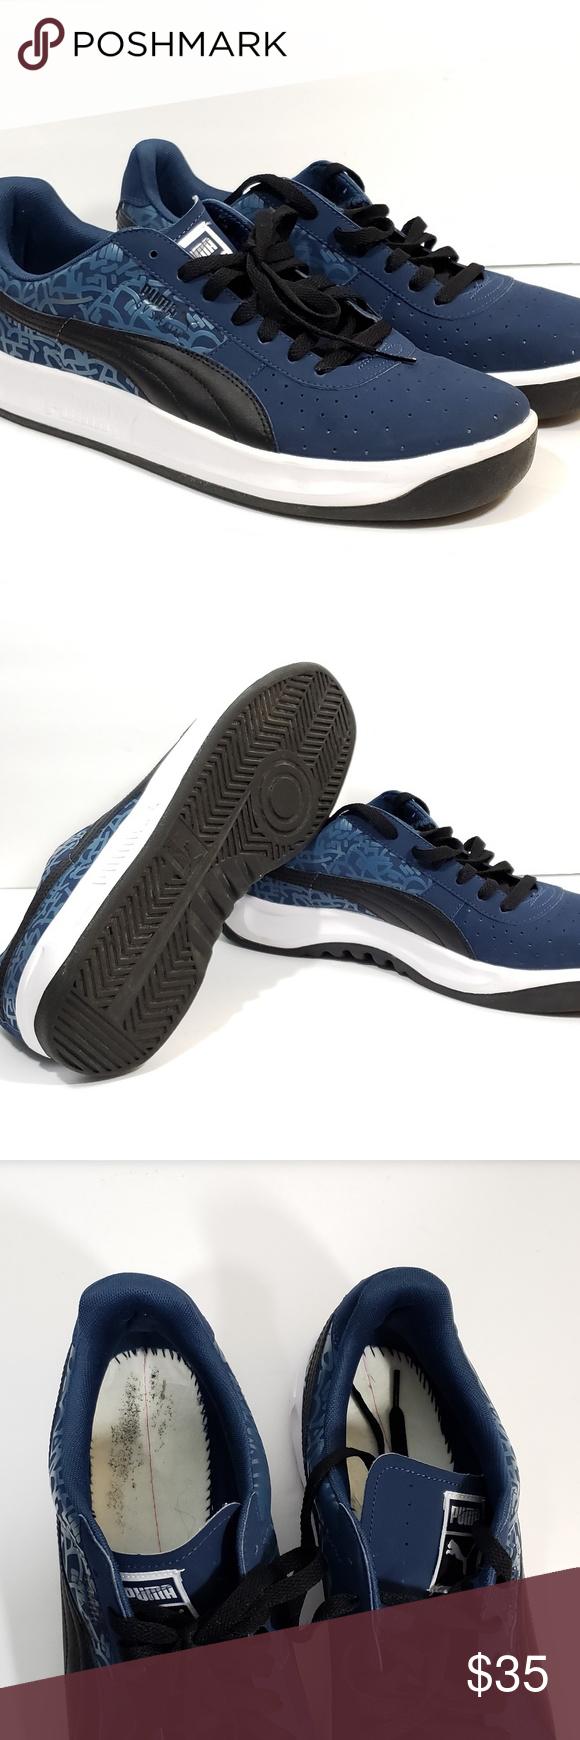 low priced ac02a 2f79d Puma Mens GV Special Sneaker Shoe Dark Blue Puma Mens GV ...